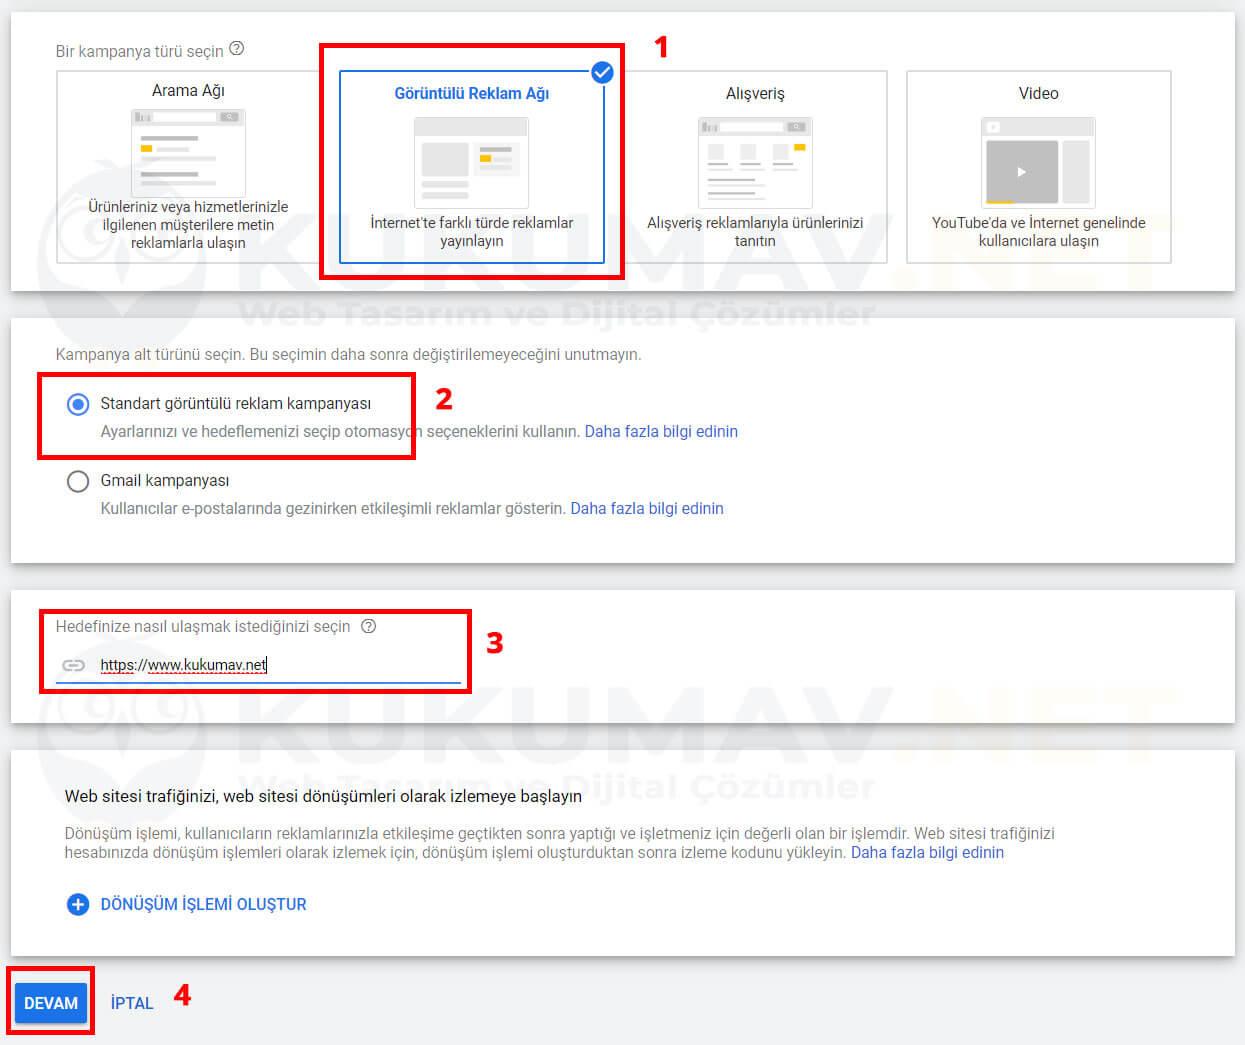 Google Ads Görüntülü Banner Kampanyası